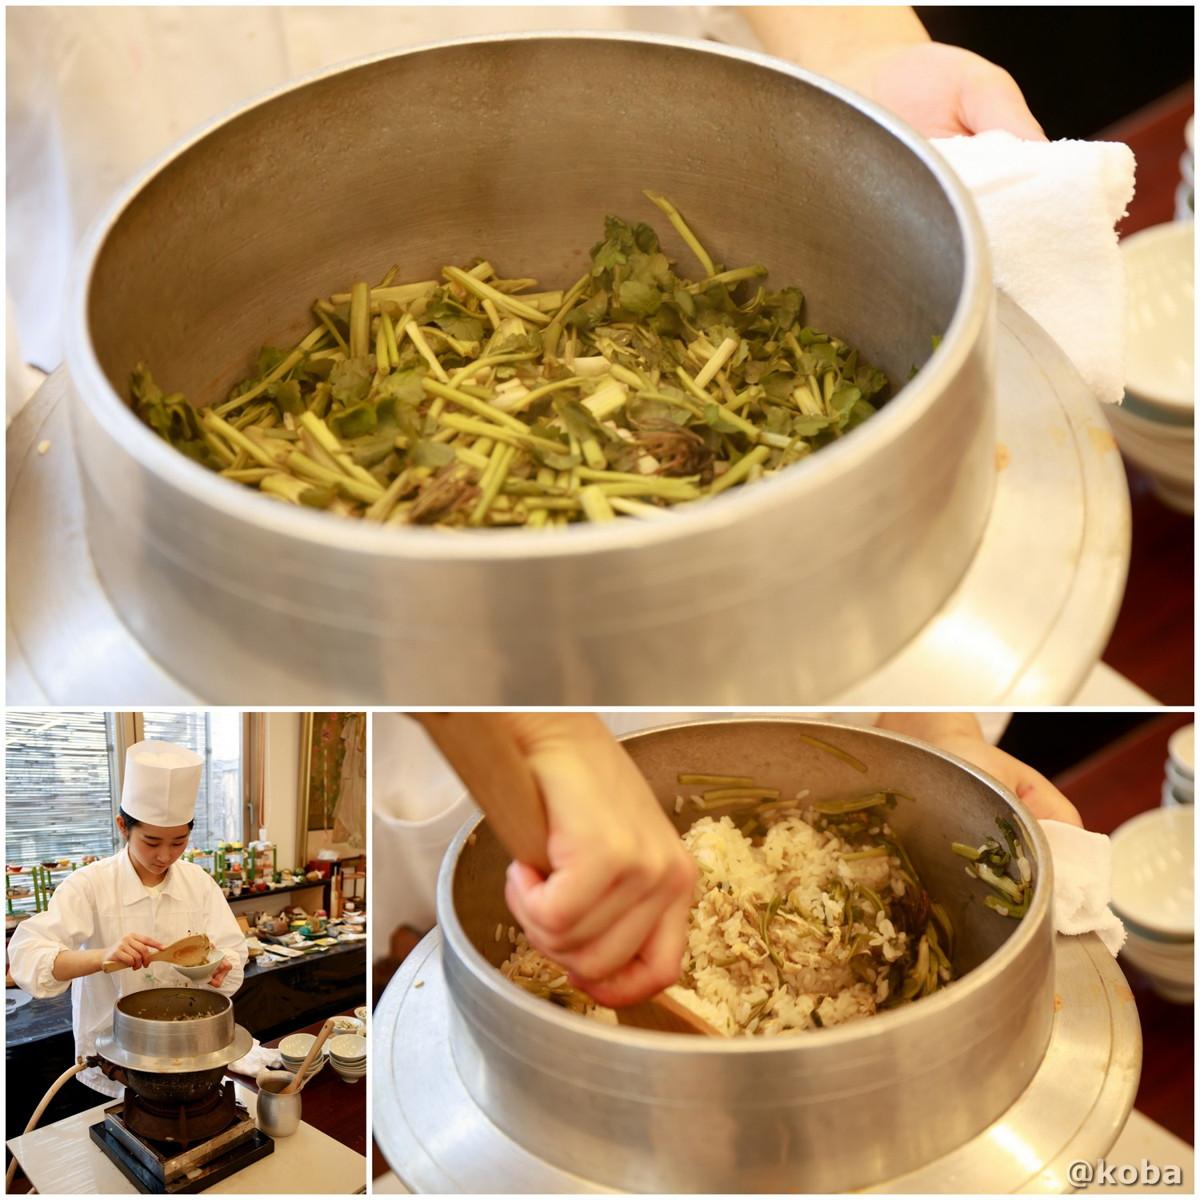 釜炊き芹(せり)ご飯 油揚げの写真|宇豆基野(うずきの)本店 湯葉懐石ランチ 豆腐料理店|東京都足立区・北千住|こばブログ